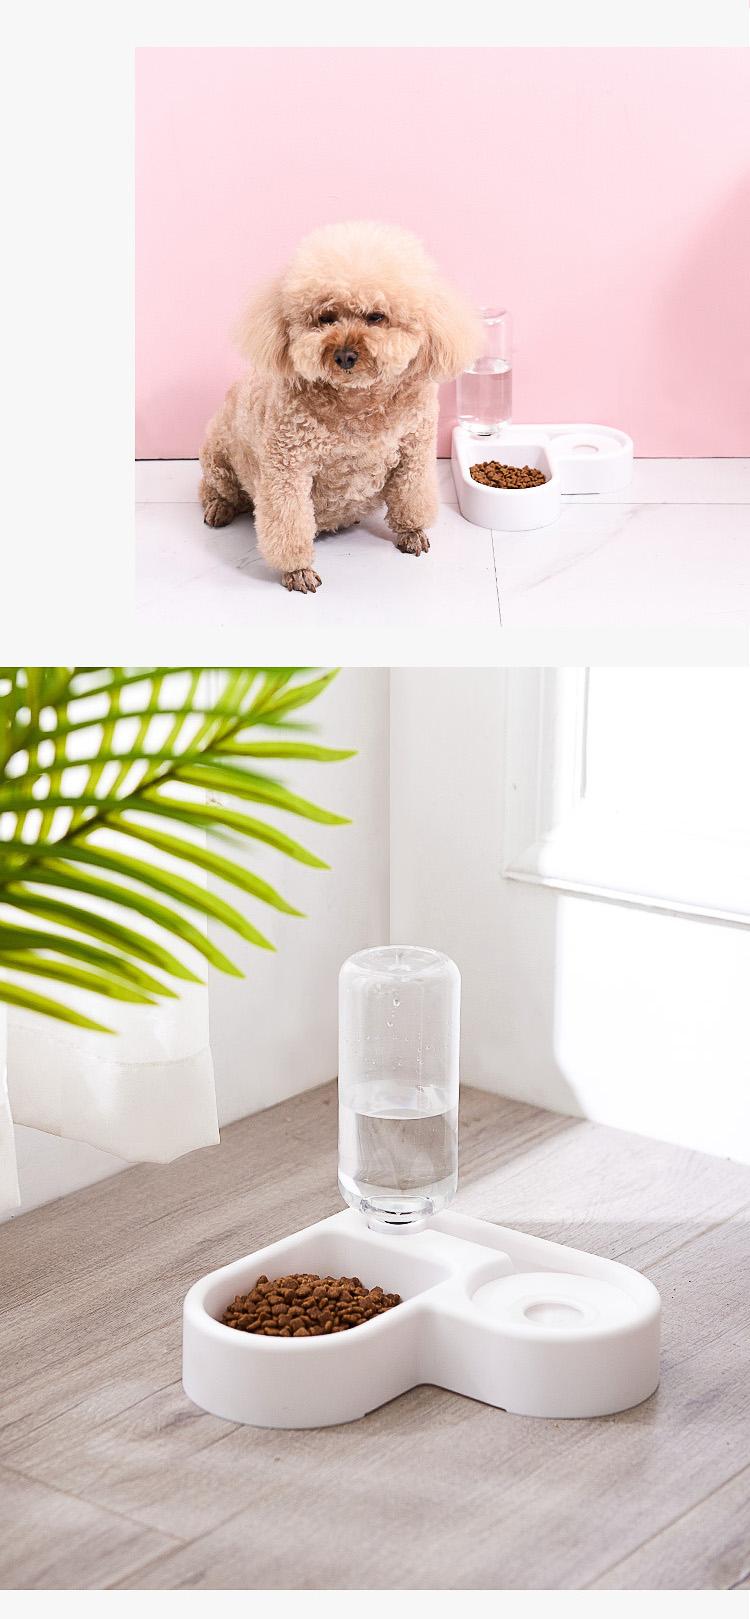 강아지 식기 고양이 식탁 밥 물 그릇 화이트 펫 보울 - 펫블라썸, 7,800원, 급수/급식기, 식기/식탁